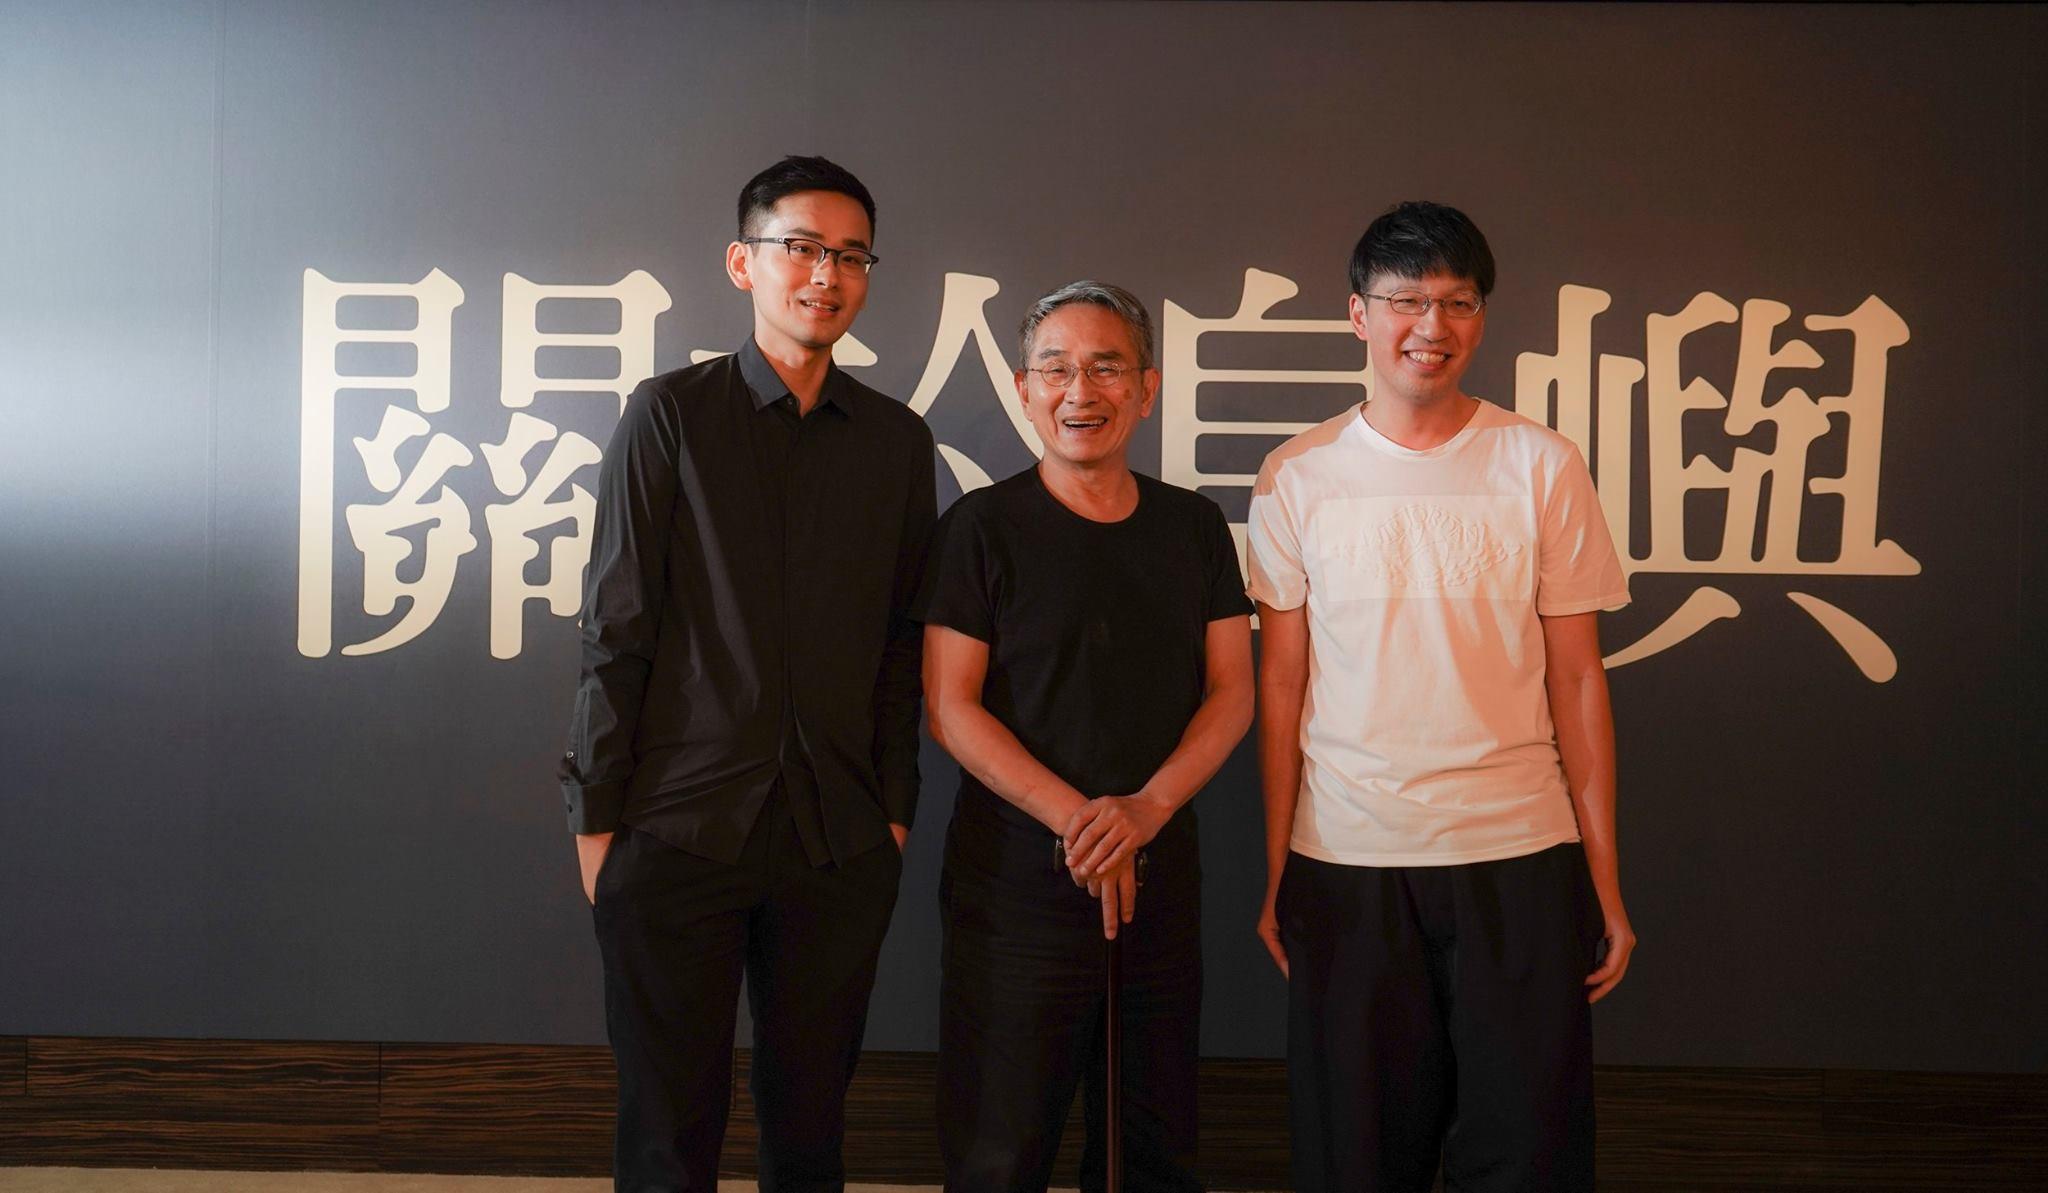 雲門舞集創辦人林懷民 宣布2019年底退休